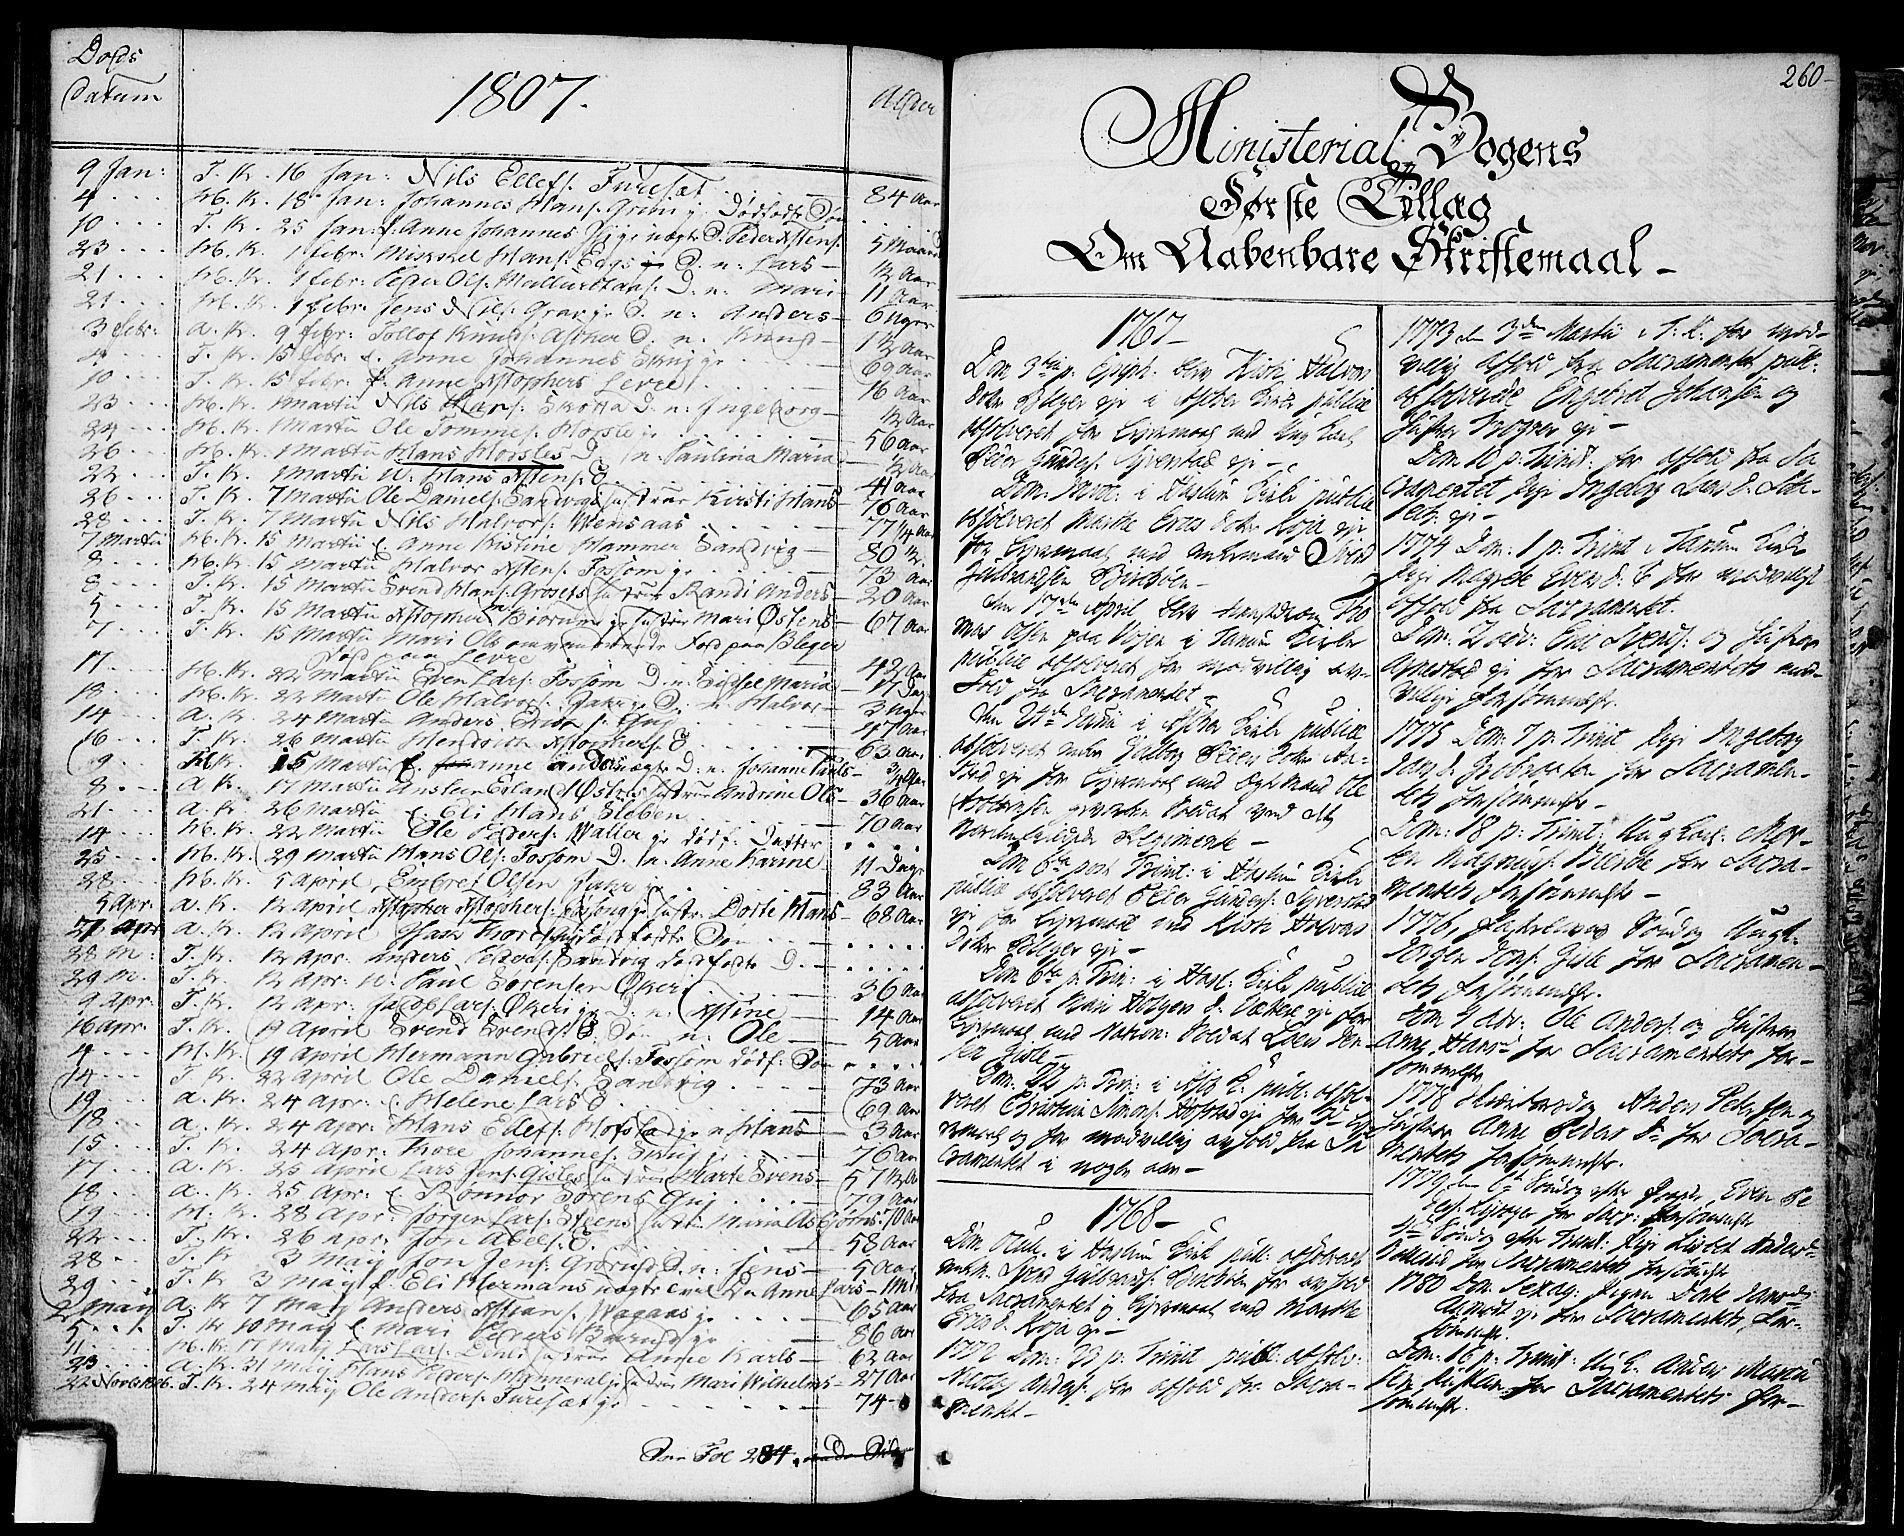 SAO, Asker prestekontor Kirkebøker, F/Fa/L0003: Ministerialbok nr. I 3, 1767-1807, s. 260